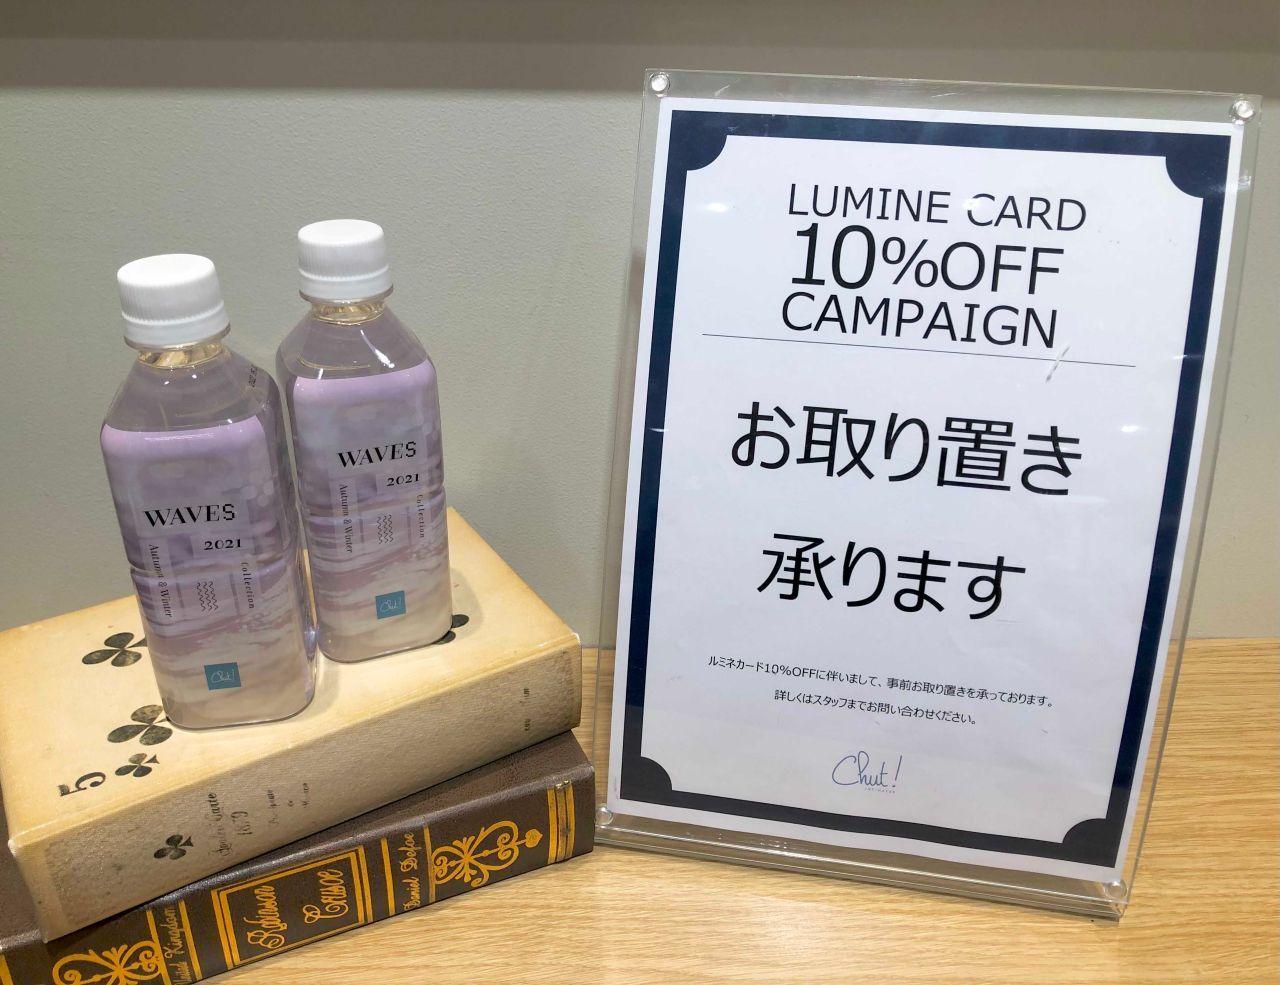 『ルミネカード10%OFF』お取置きスタート!【ルミネ北千住店】の写真